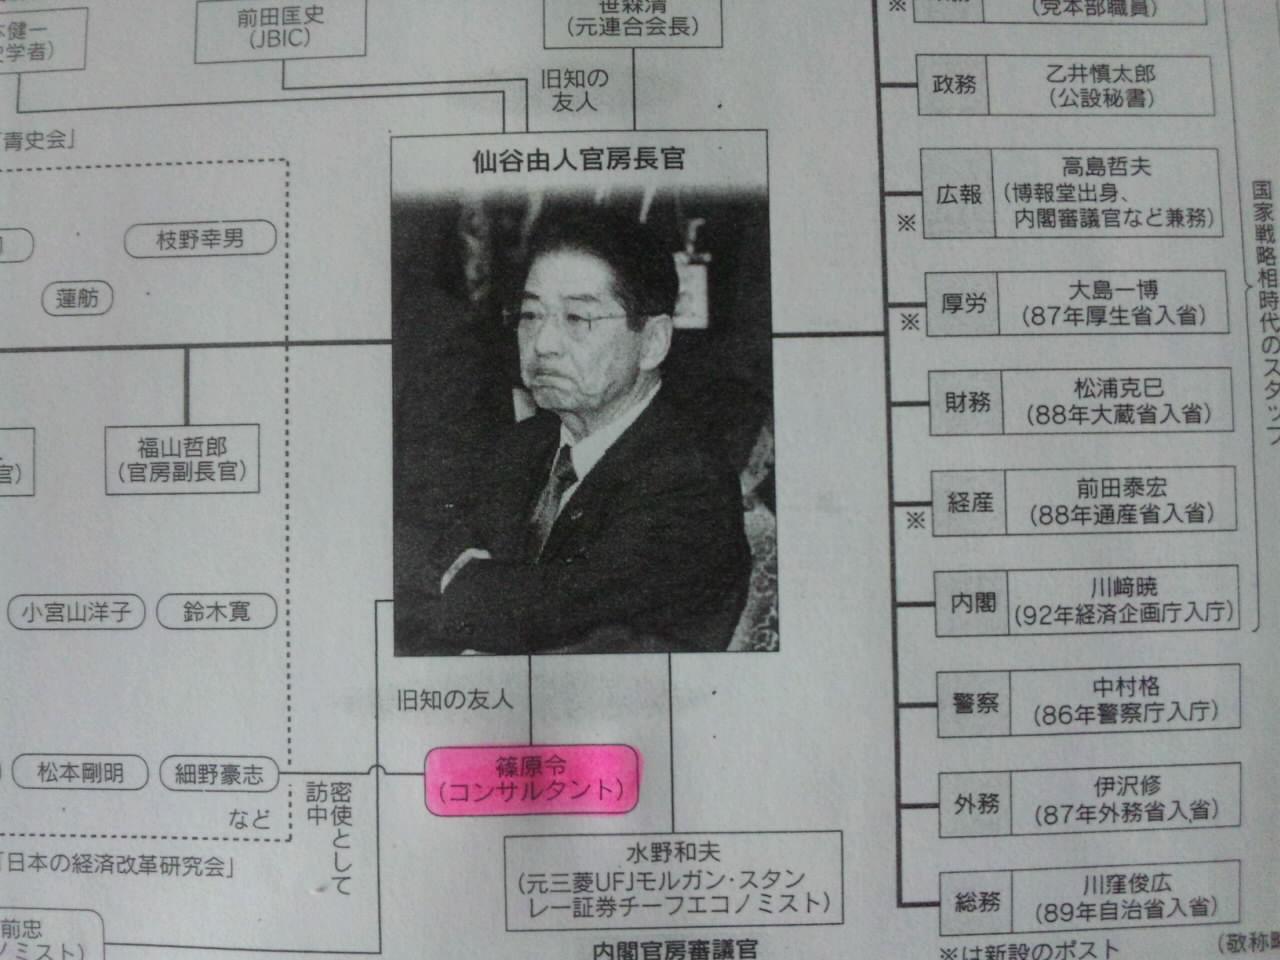 篠原令氏、日経夕刊に 仙石由人官房長官の友人として_d0027795_8205333.jpg